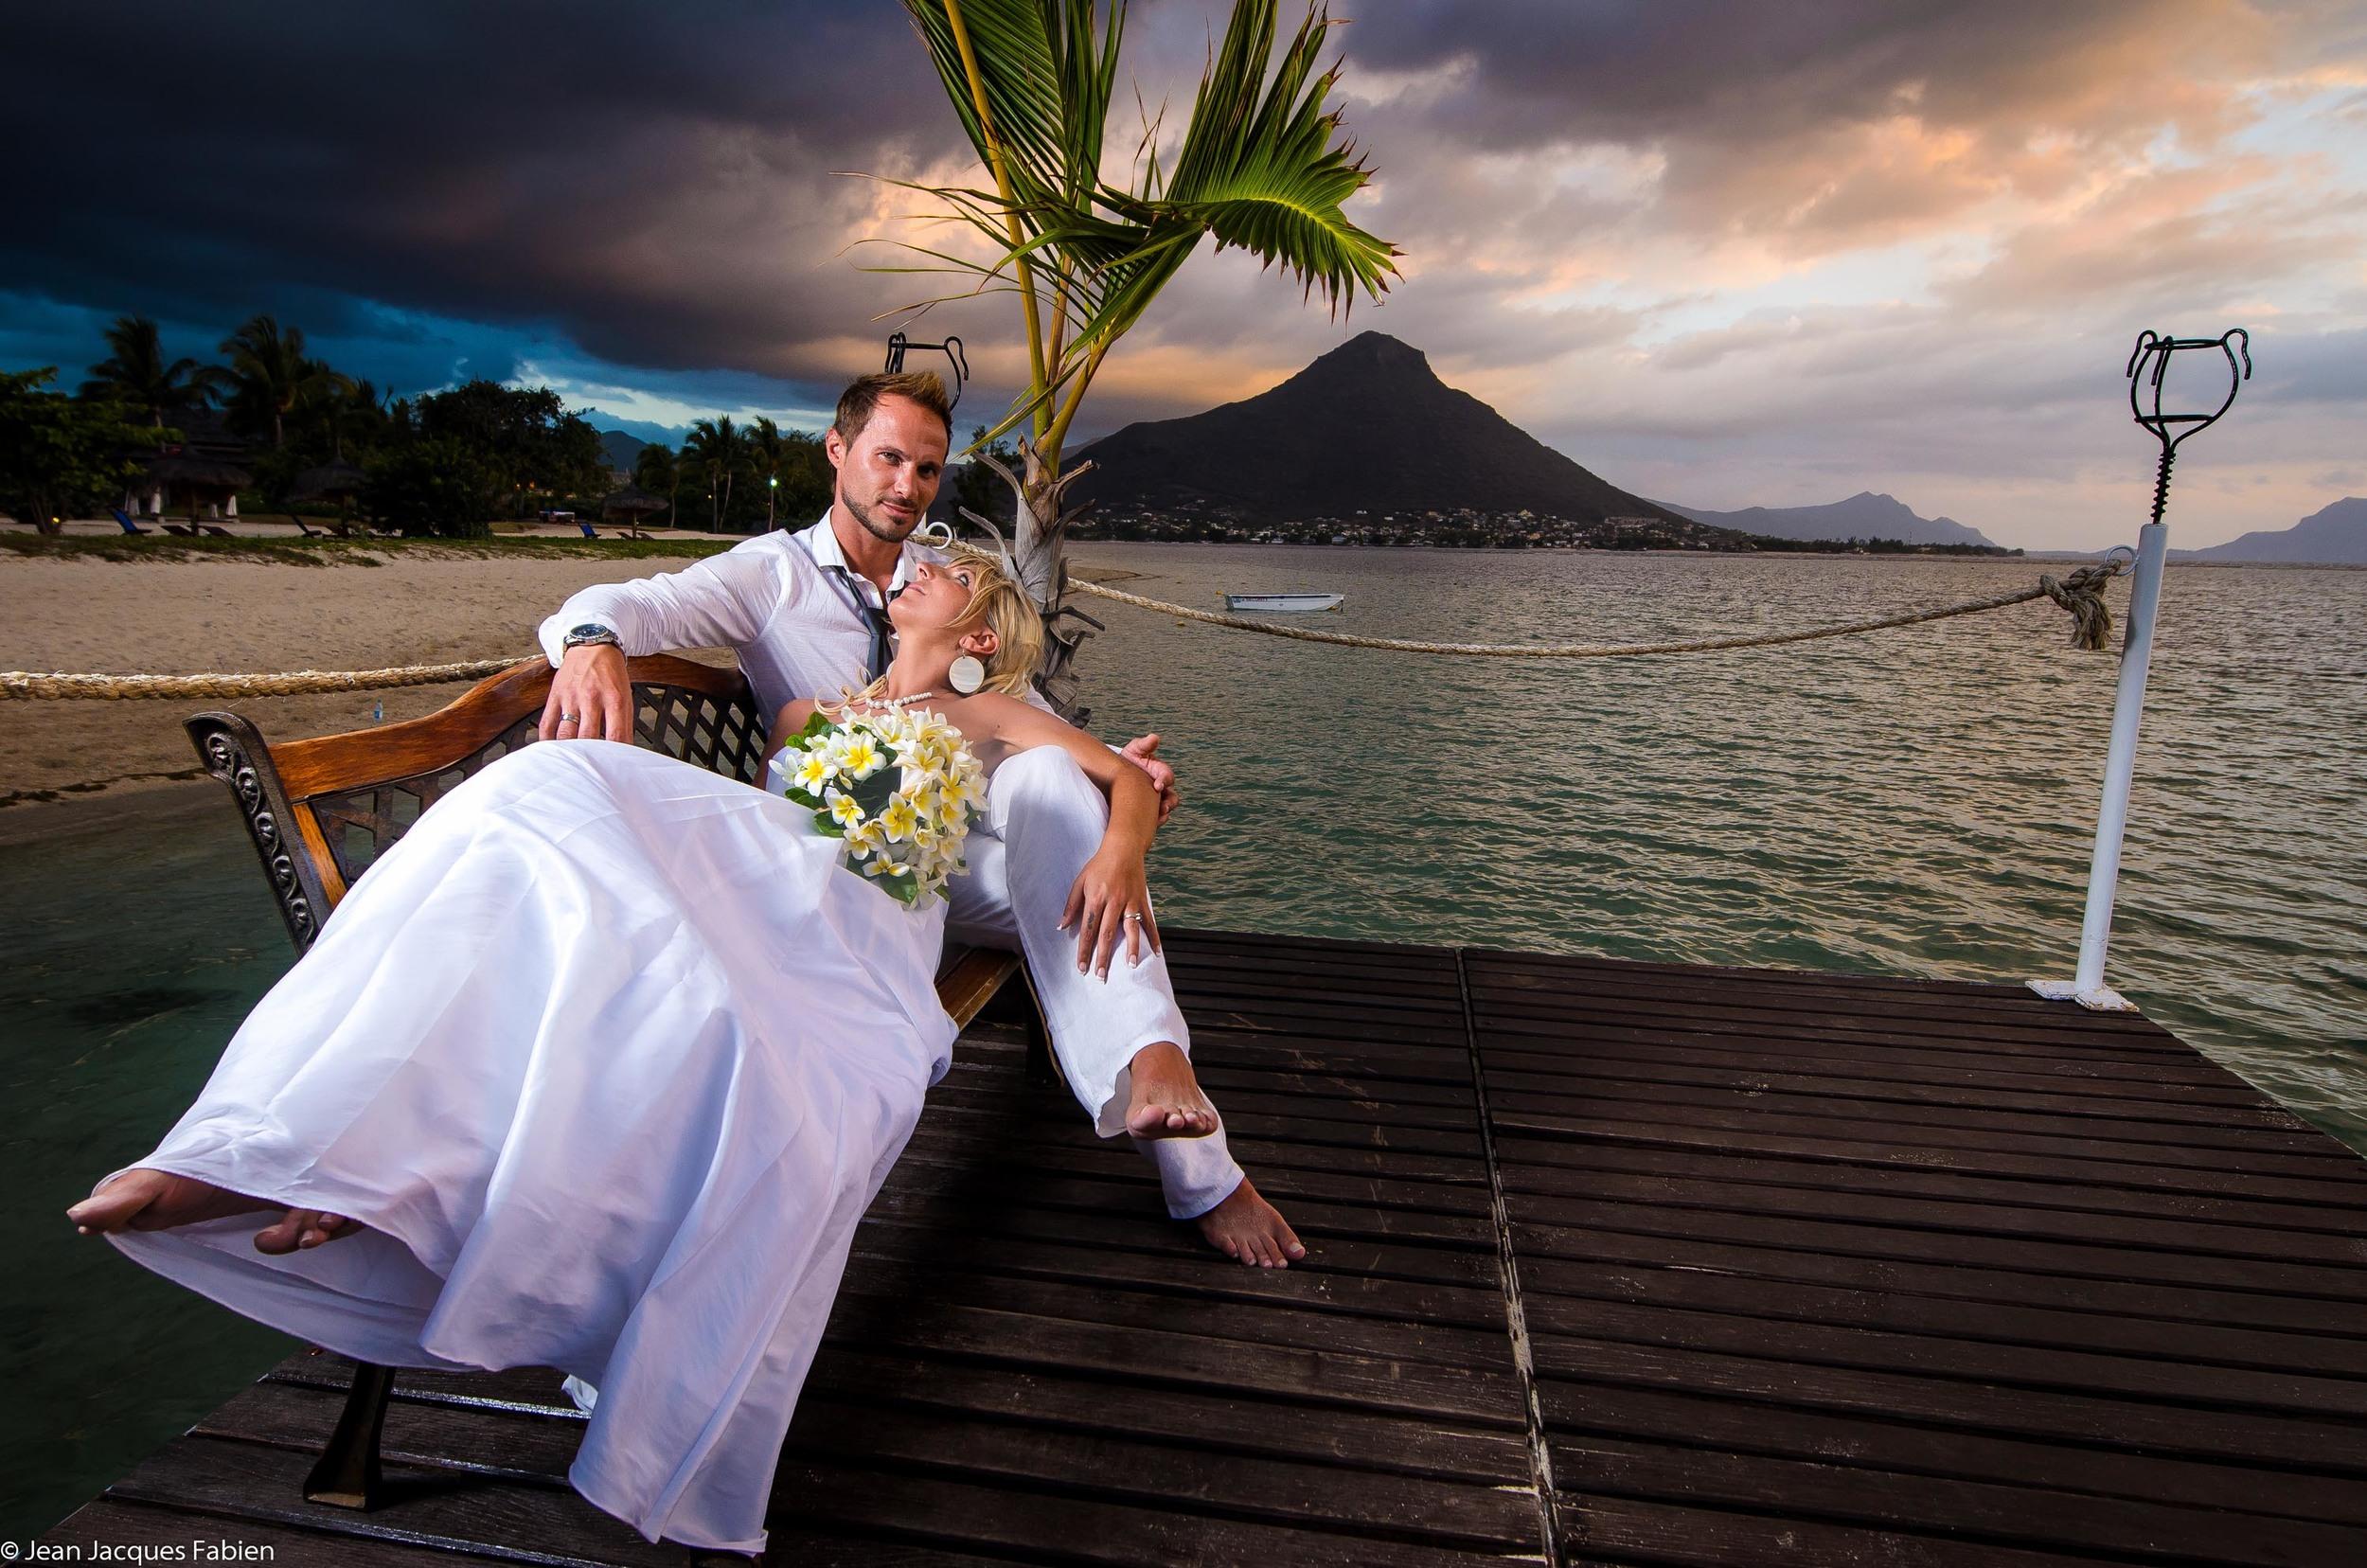 Wedding Sofitel 09-11-2012 (175 of 193).jpg